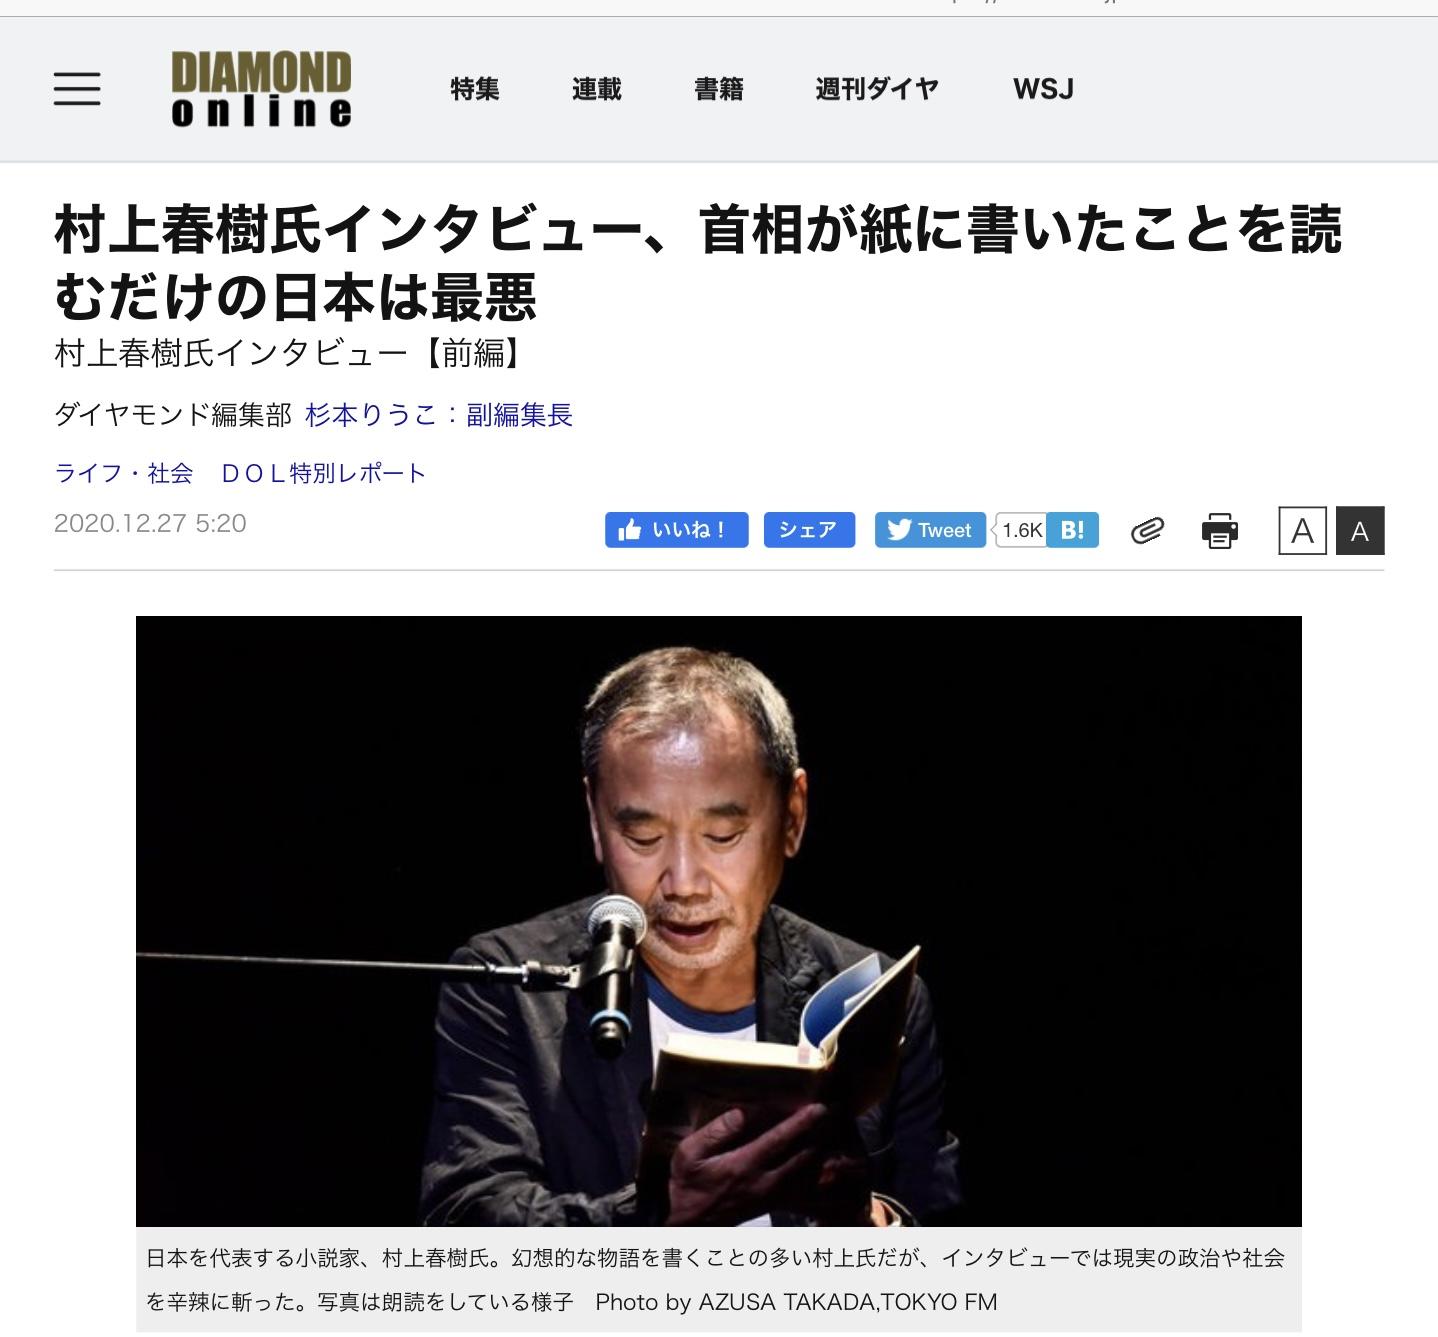 村上春樹批判,日本首相菅義偉只會唸紙上寫的,無法用自己的語言來說話,這是「最惡劣」的狀態。 圖:翻攝自鑽石週刊電子報